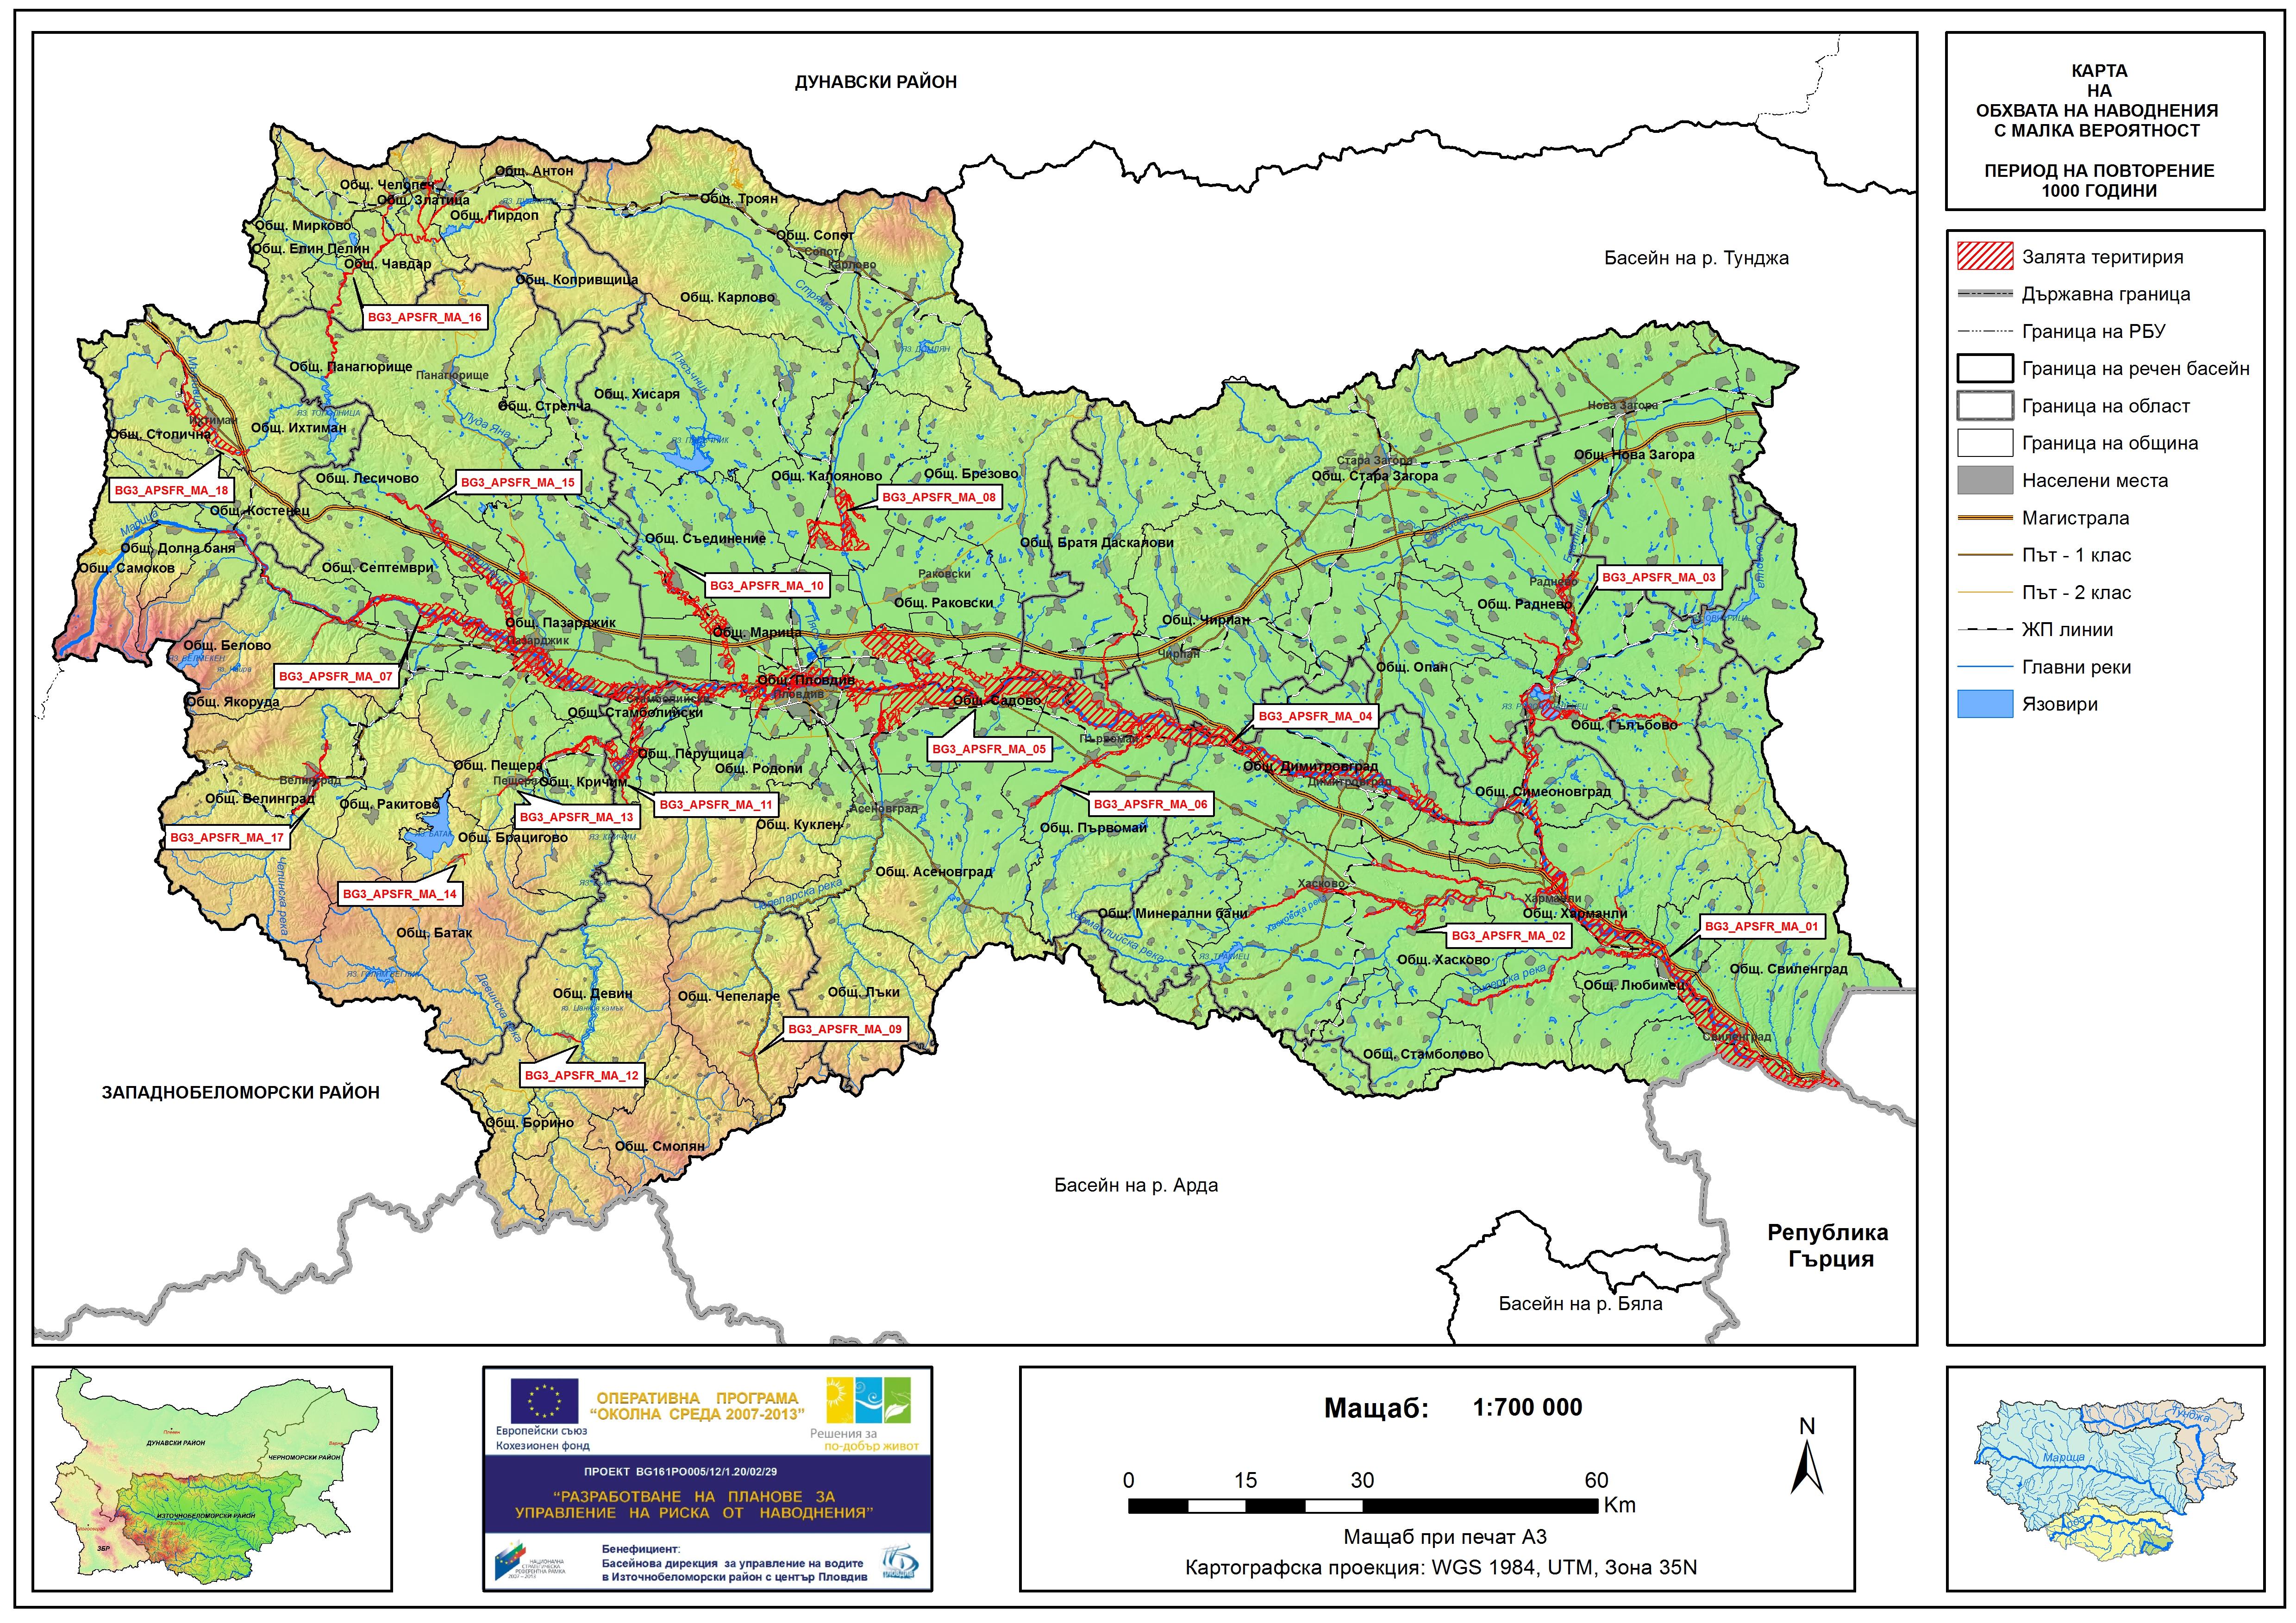 Purn Karti Na Rajonite Pod Zaplaha I Karti Na Rajonite S Risk Ot